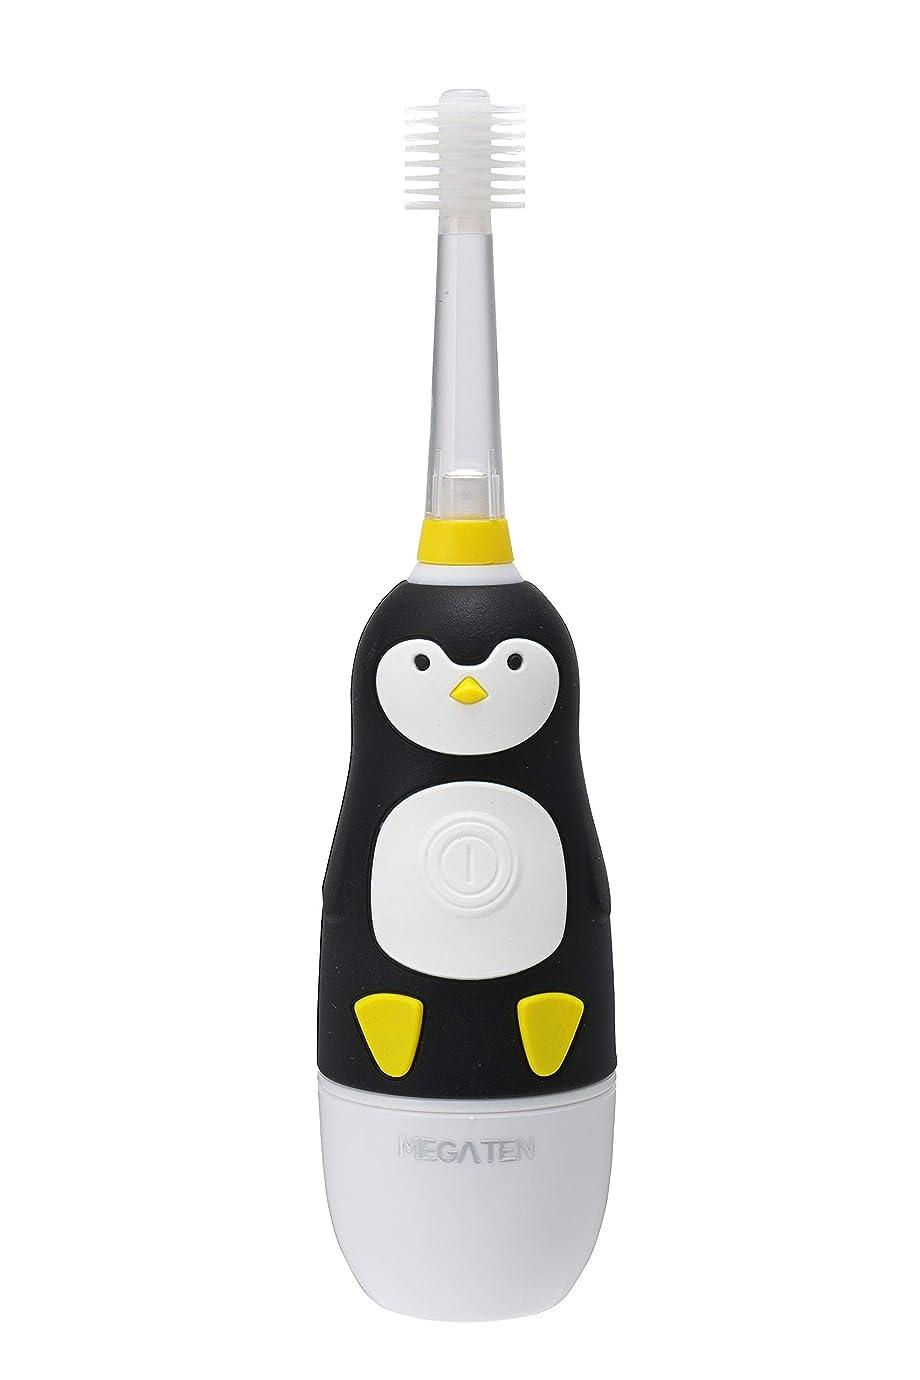 ブロック後世建築VIVATEC(ビバテック) 子供用電動歯ブラシ ピカるん ぶるぶるはぶらし ぺんぎん 23cm